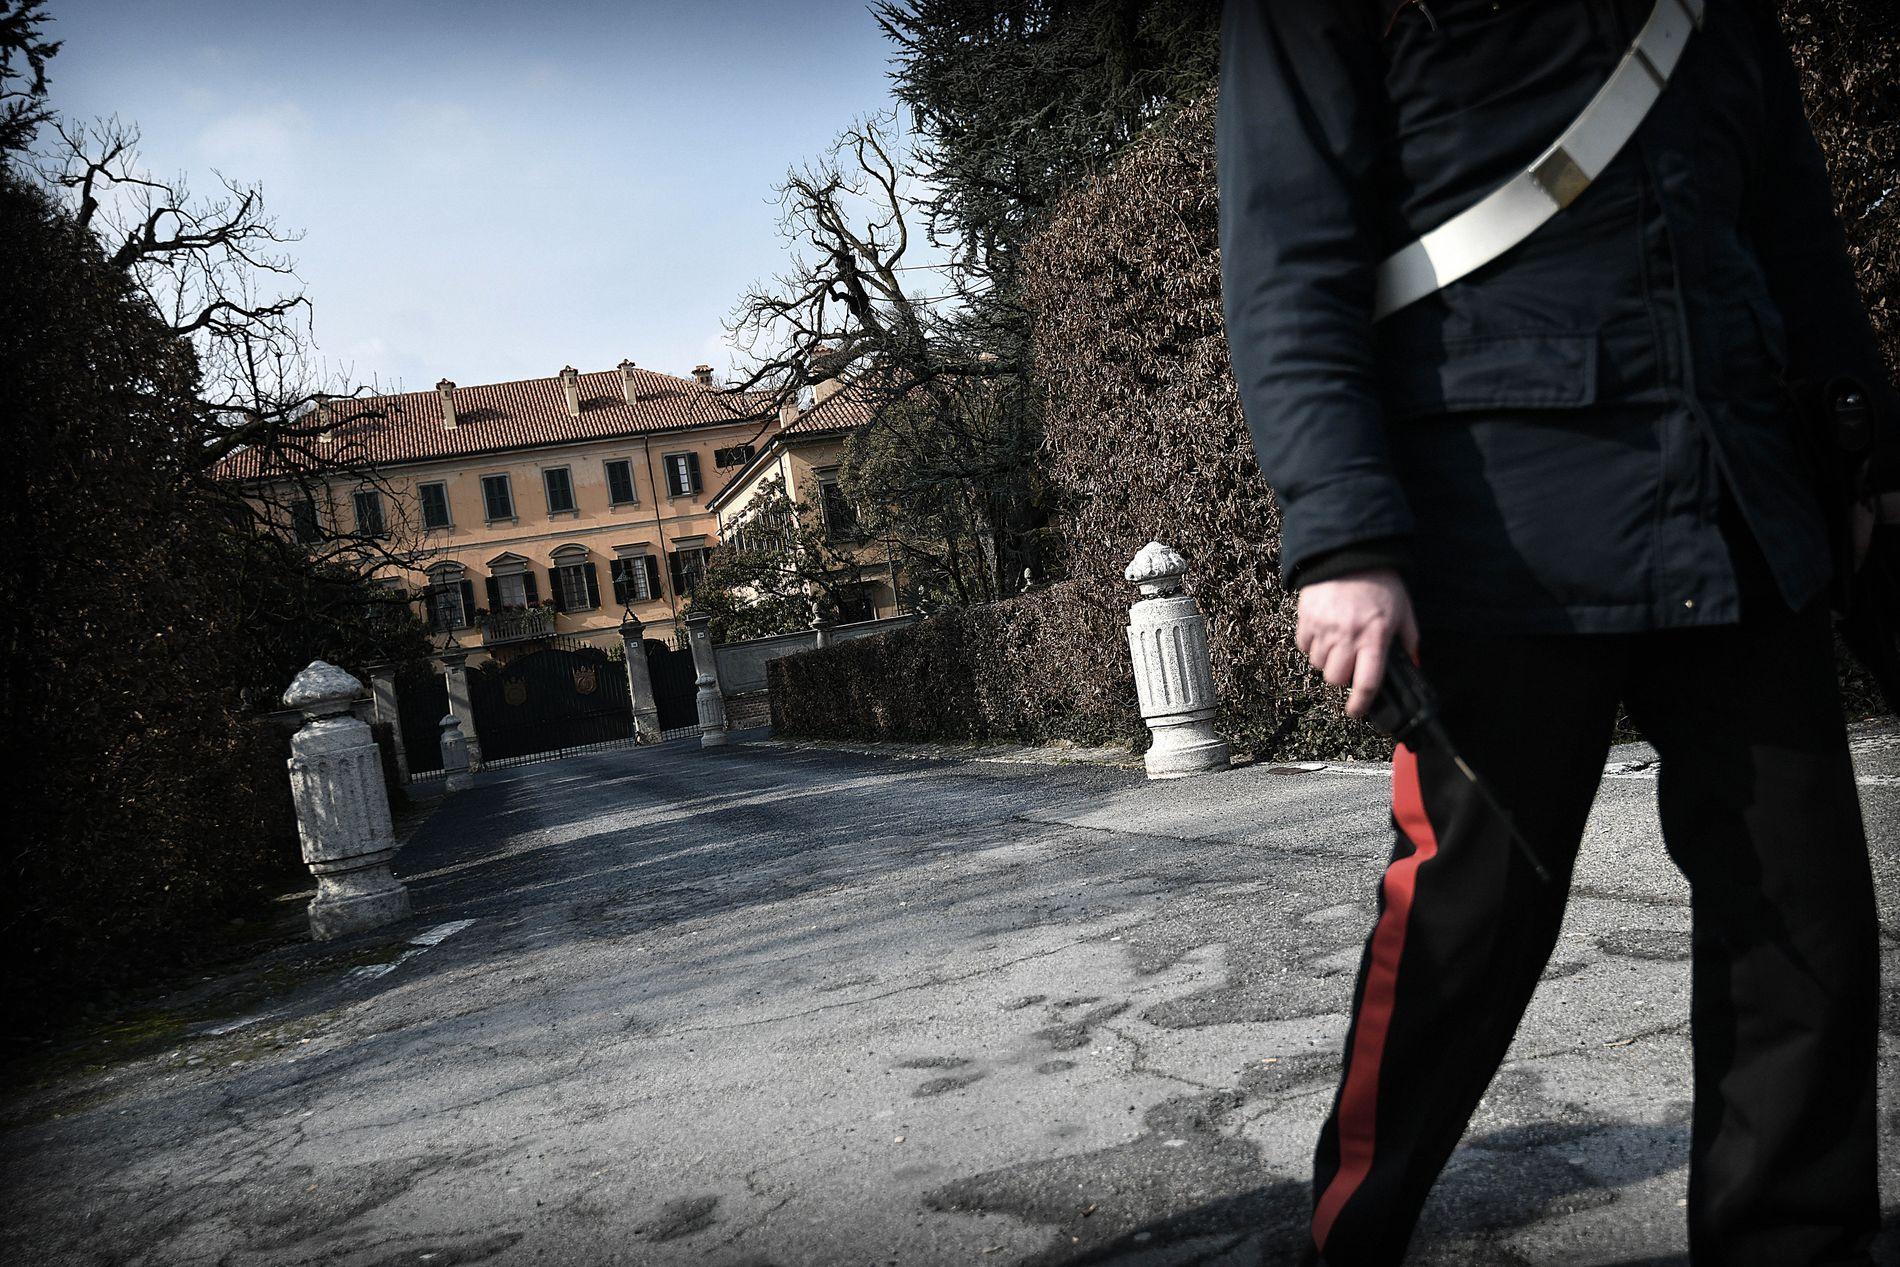 ÅSTEDET: I det 145 rom store Villa San Martino foregikk de famøse bunga-bunga-festene til mangemilliardæren Berlusconi. Han har fått et politisk comeback i den pågående valgkampen.